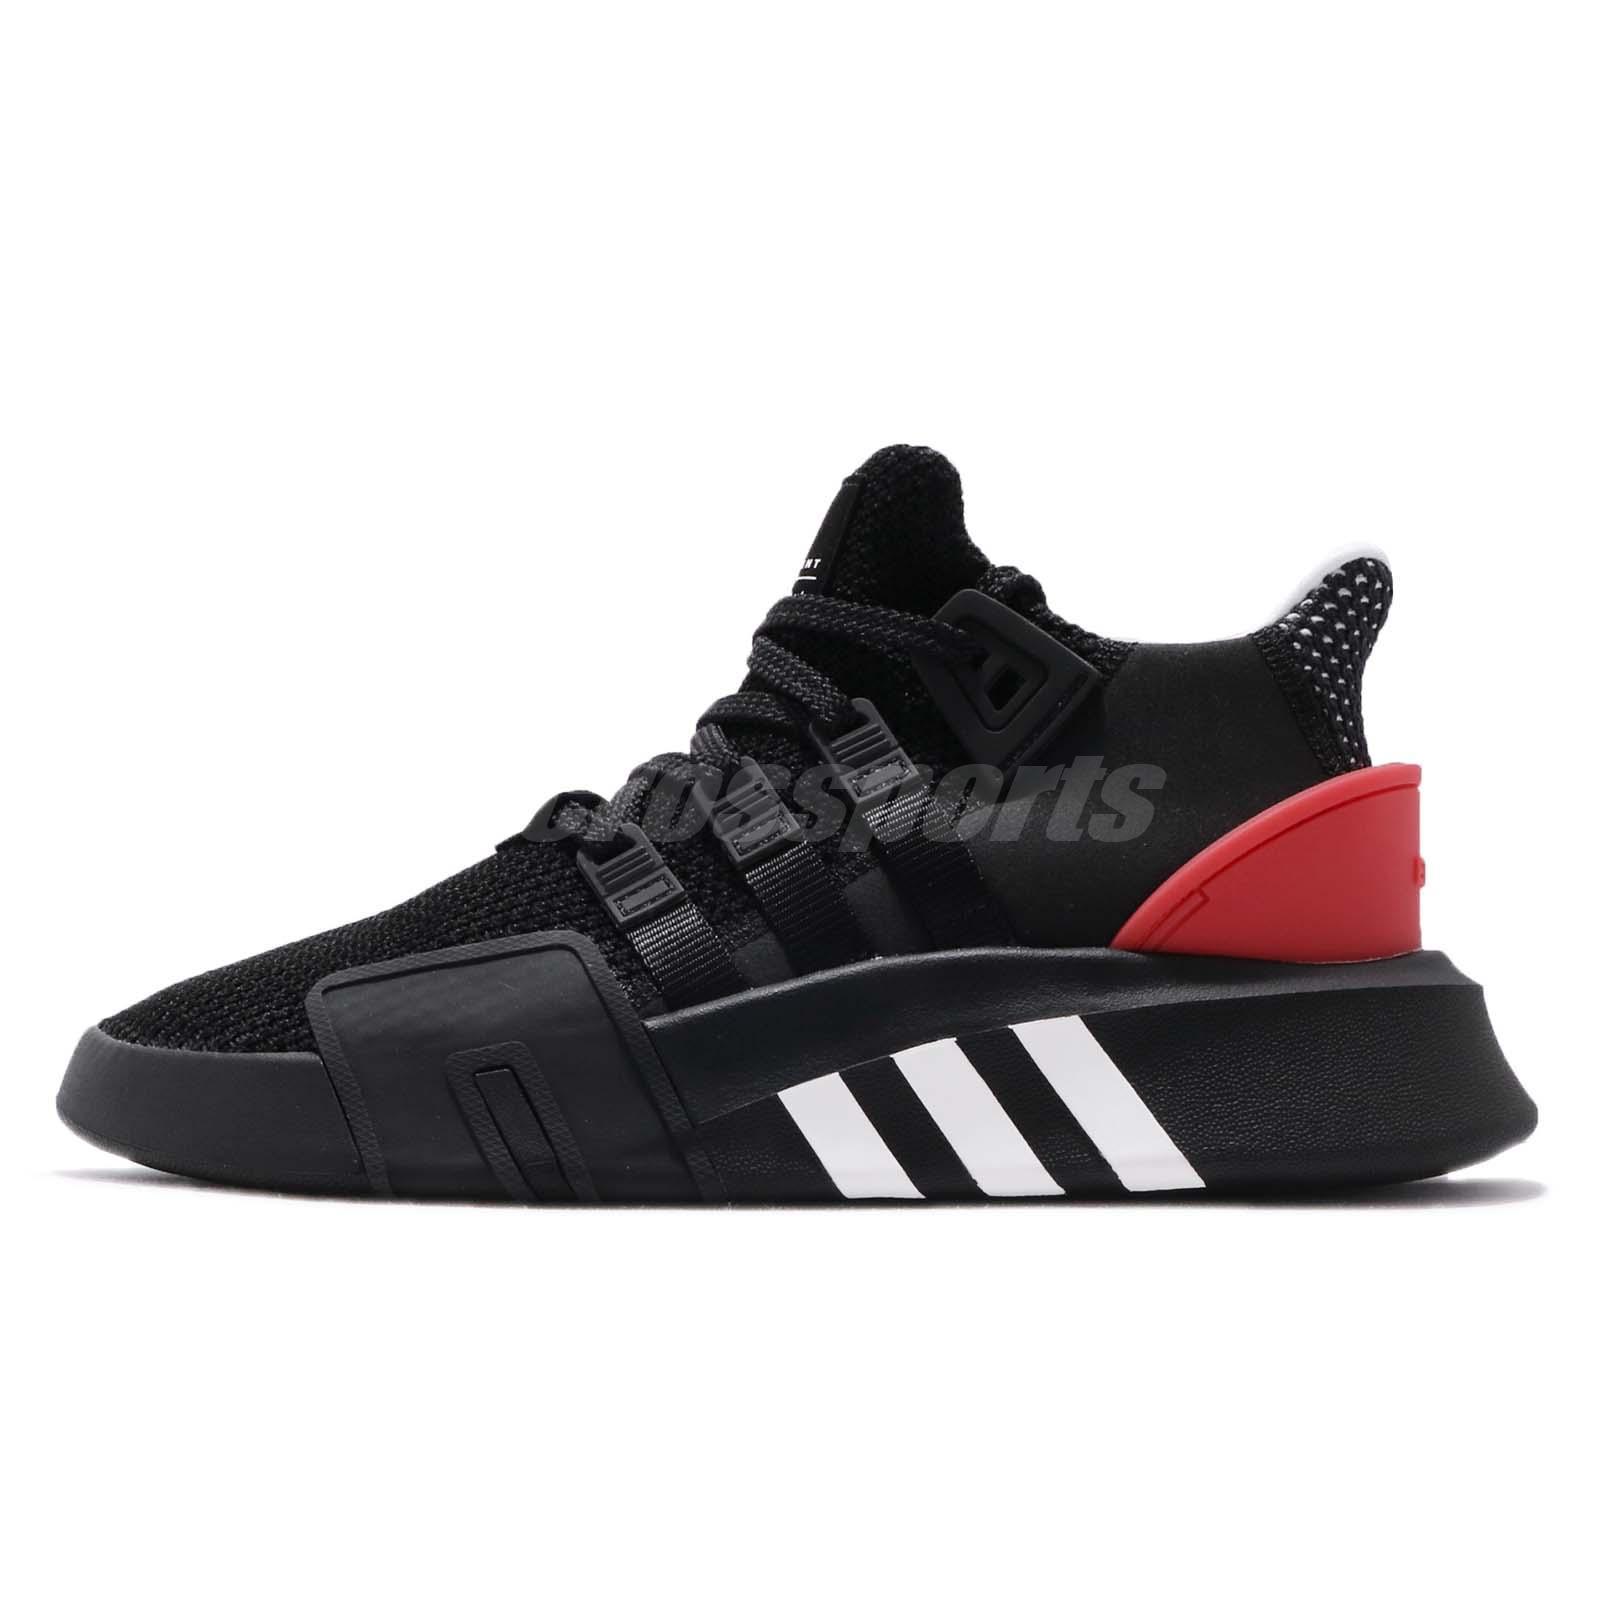 a2bab522fb6 adidas Originals EQT Bask ADV Black White Hi-Res Red Men Running Shoes  AQ1013